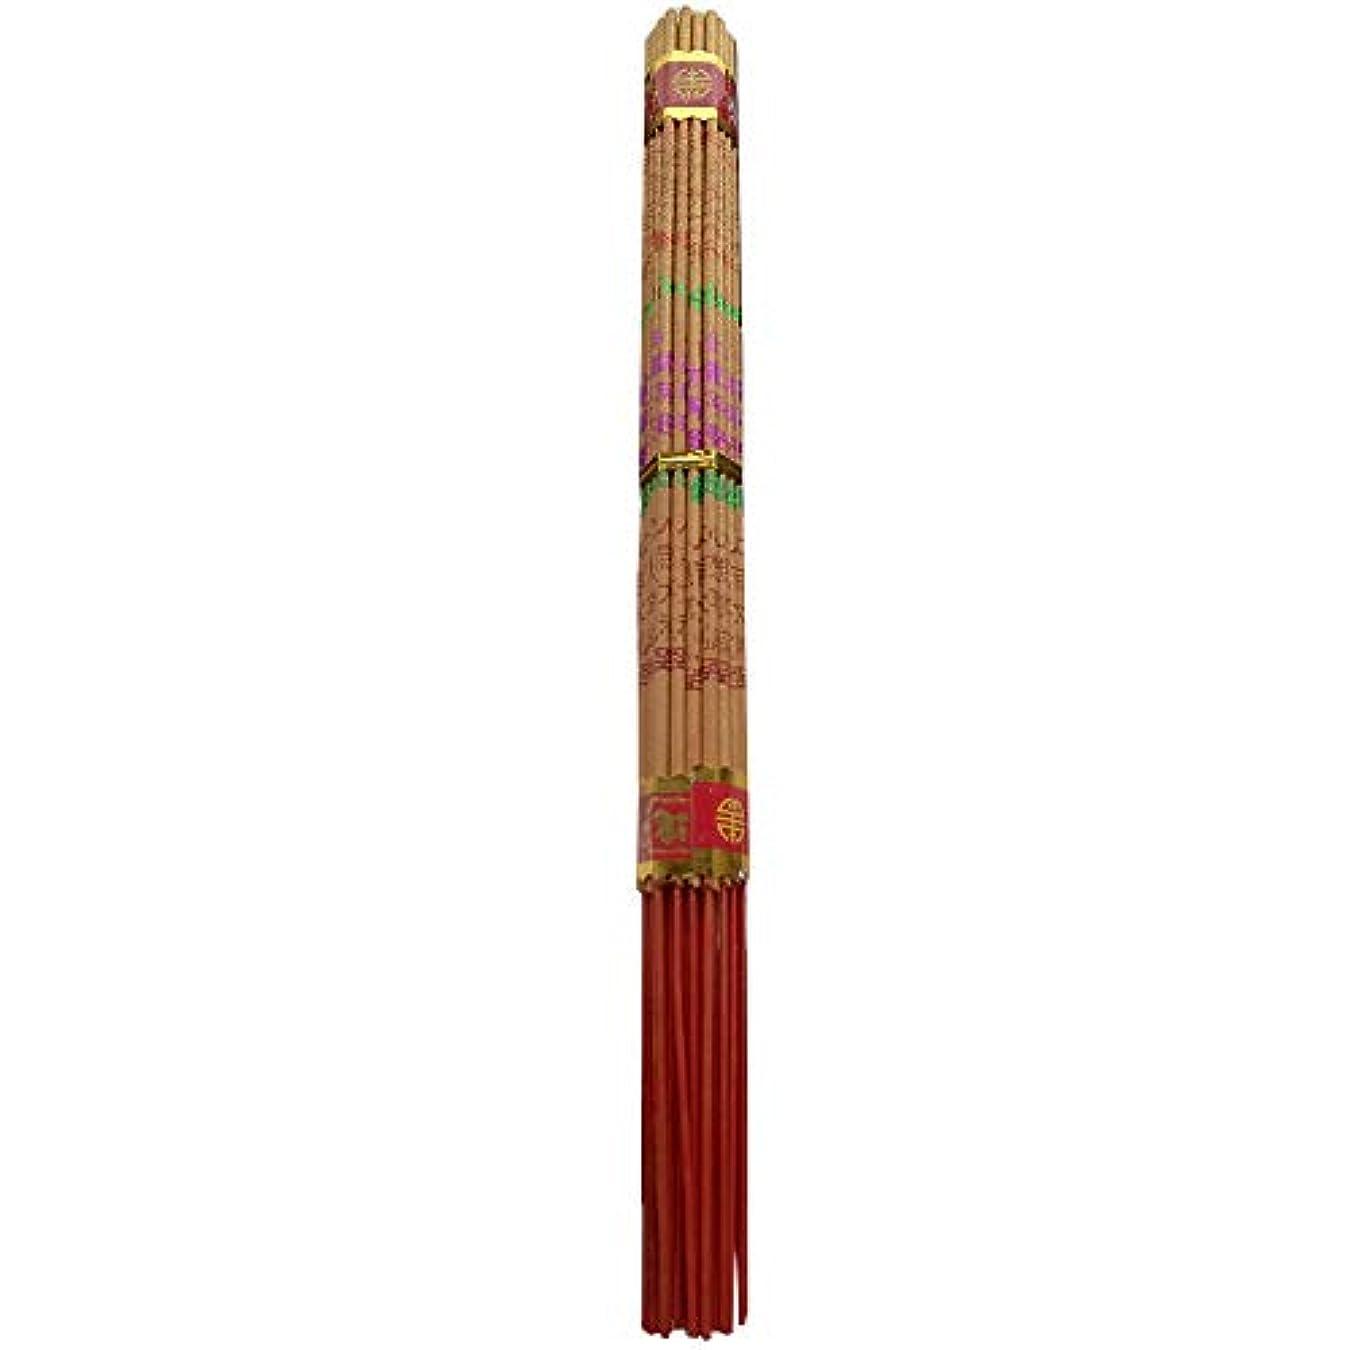 いじめっ子勤勉引き出すzeestar Incense/中国香お香Long Burning Buddhist 10.2インチ – 38 Sticks